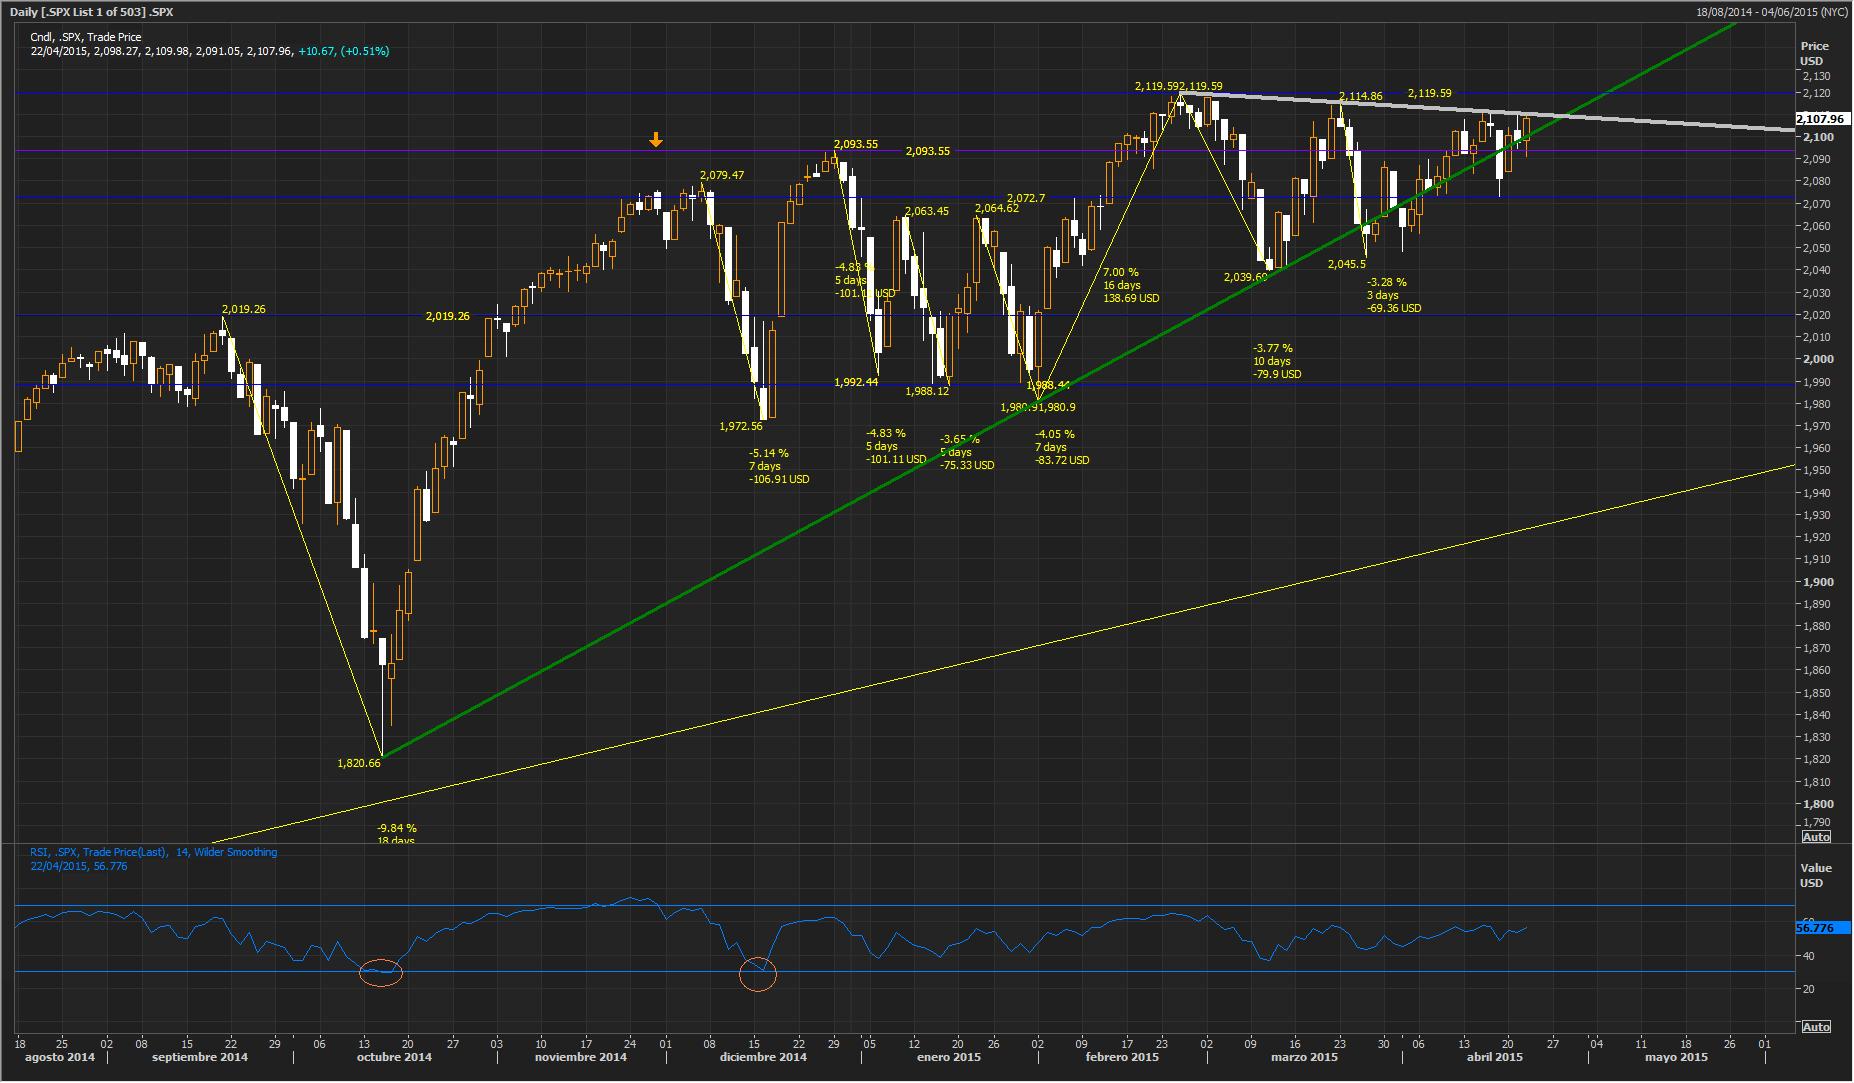 Stocks ended higher in choppy trading